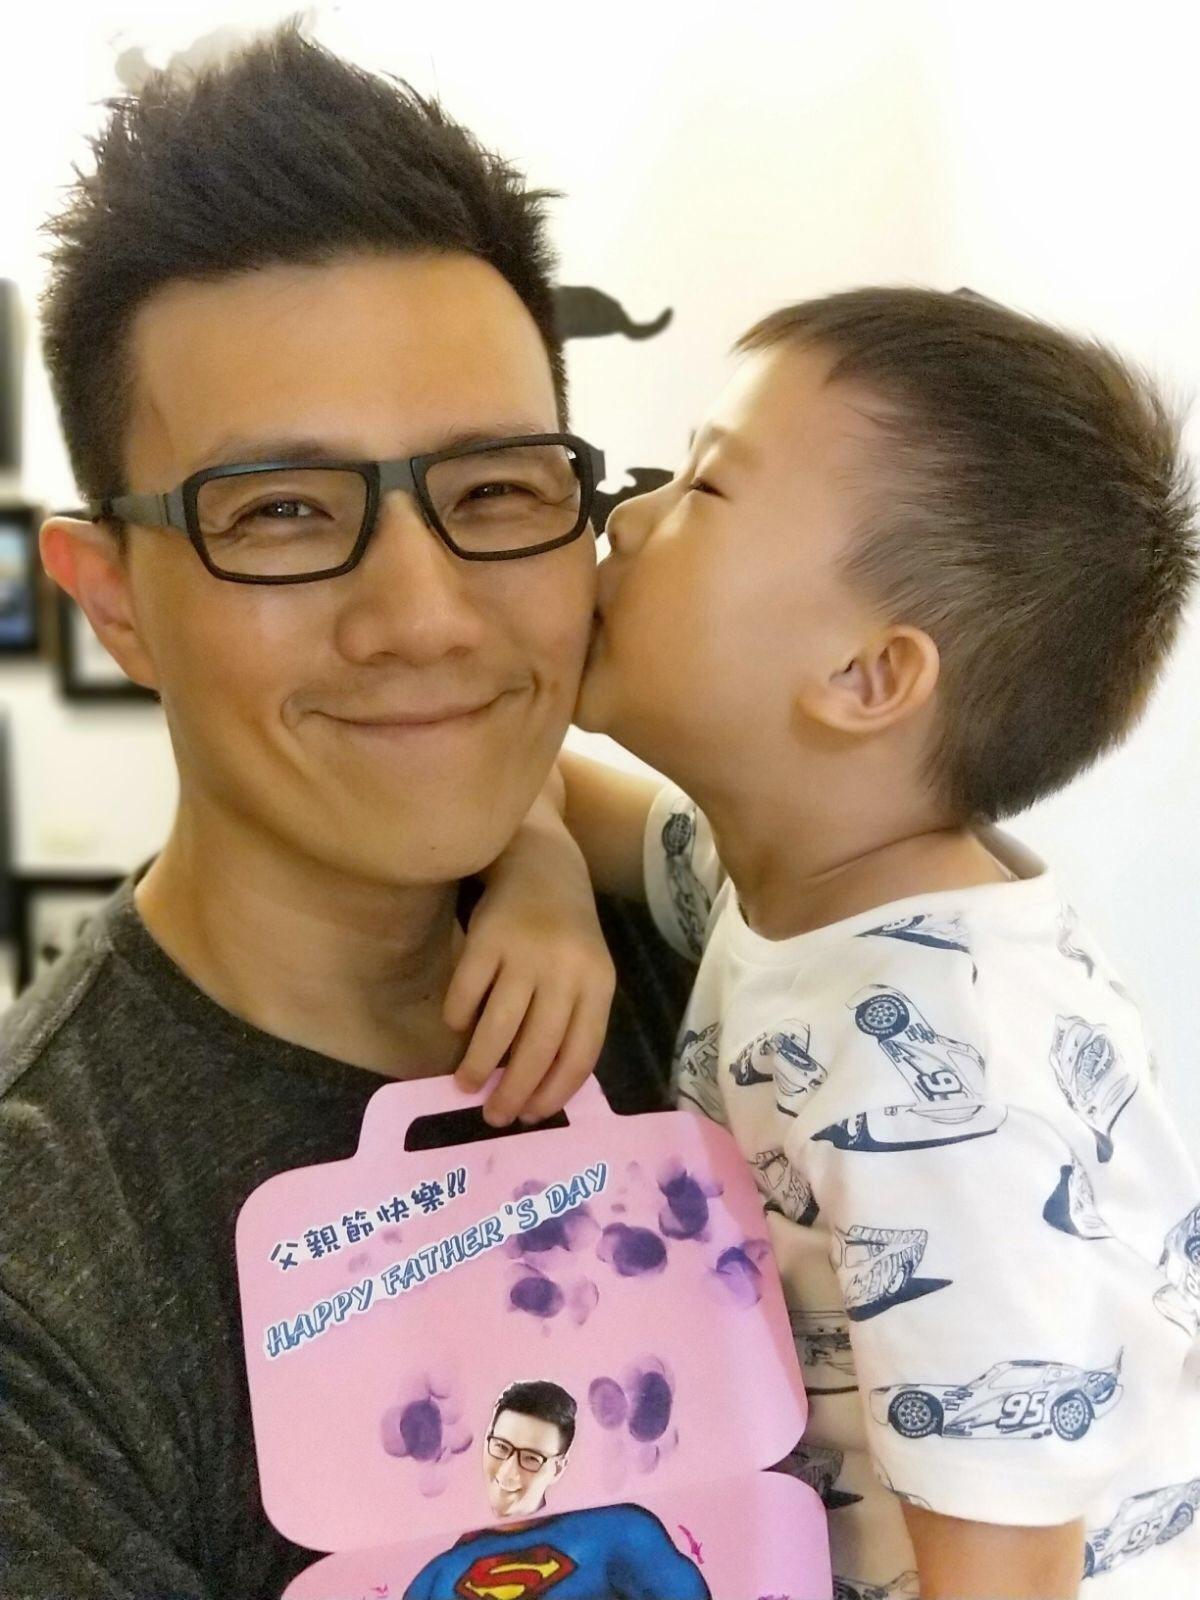 蔣偉文收到大兒子做的父親節卡片相當感動。圖/艾迪昇提供